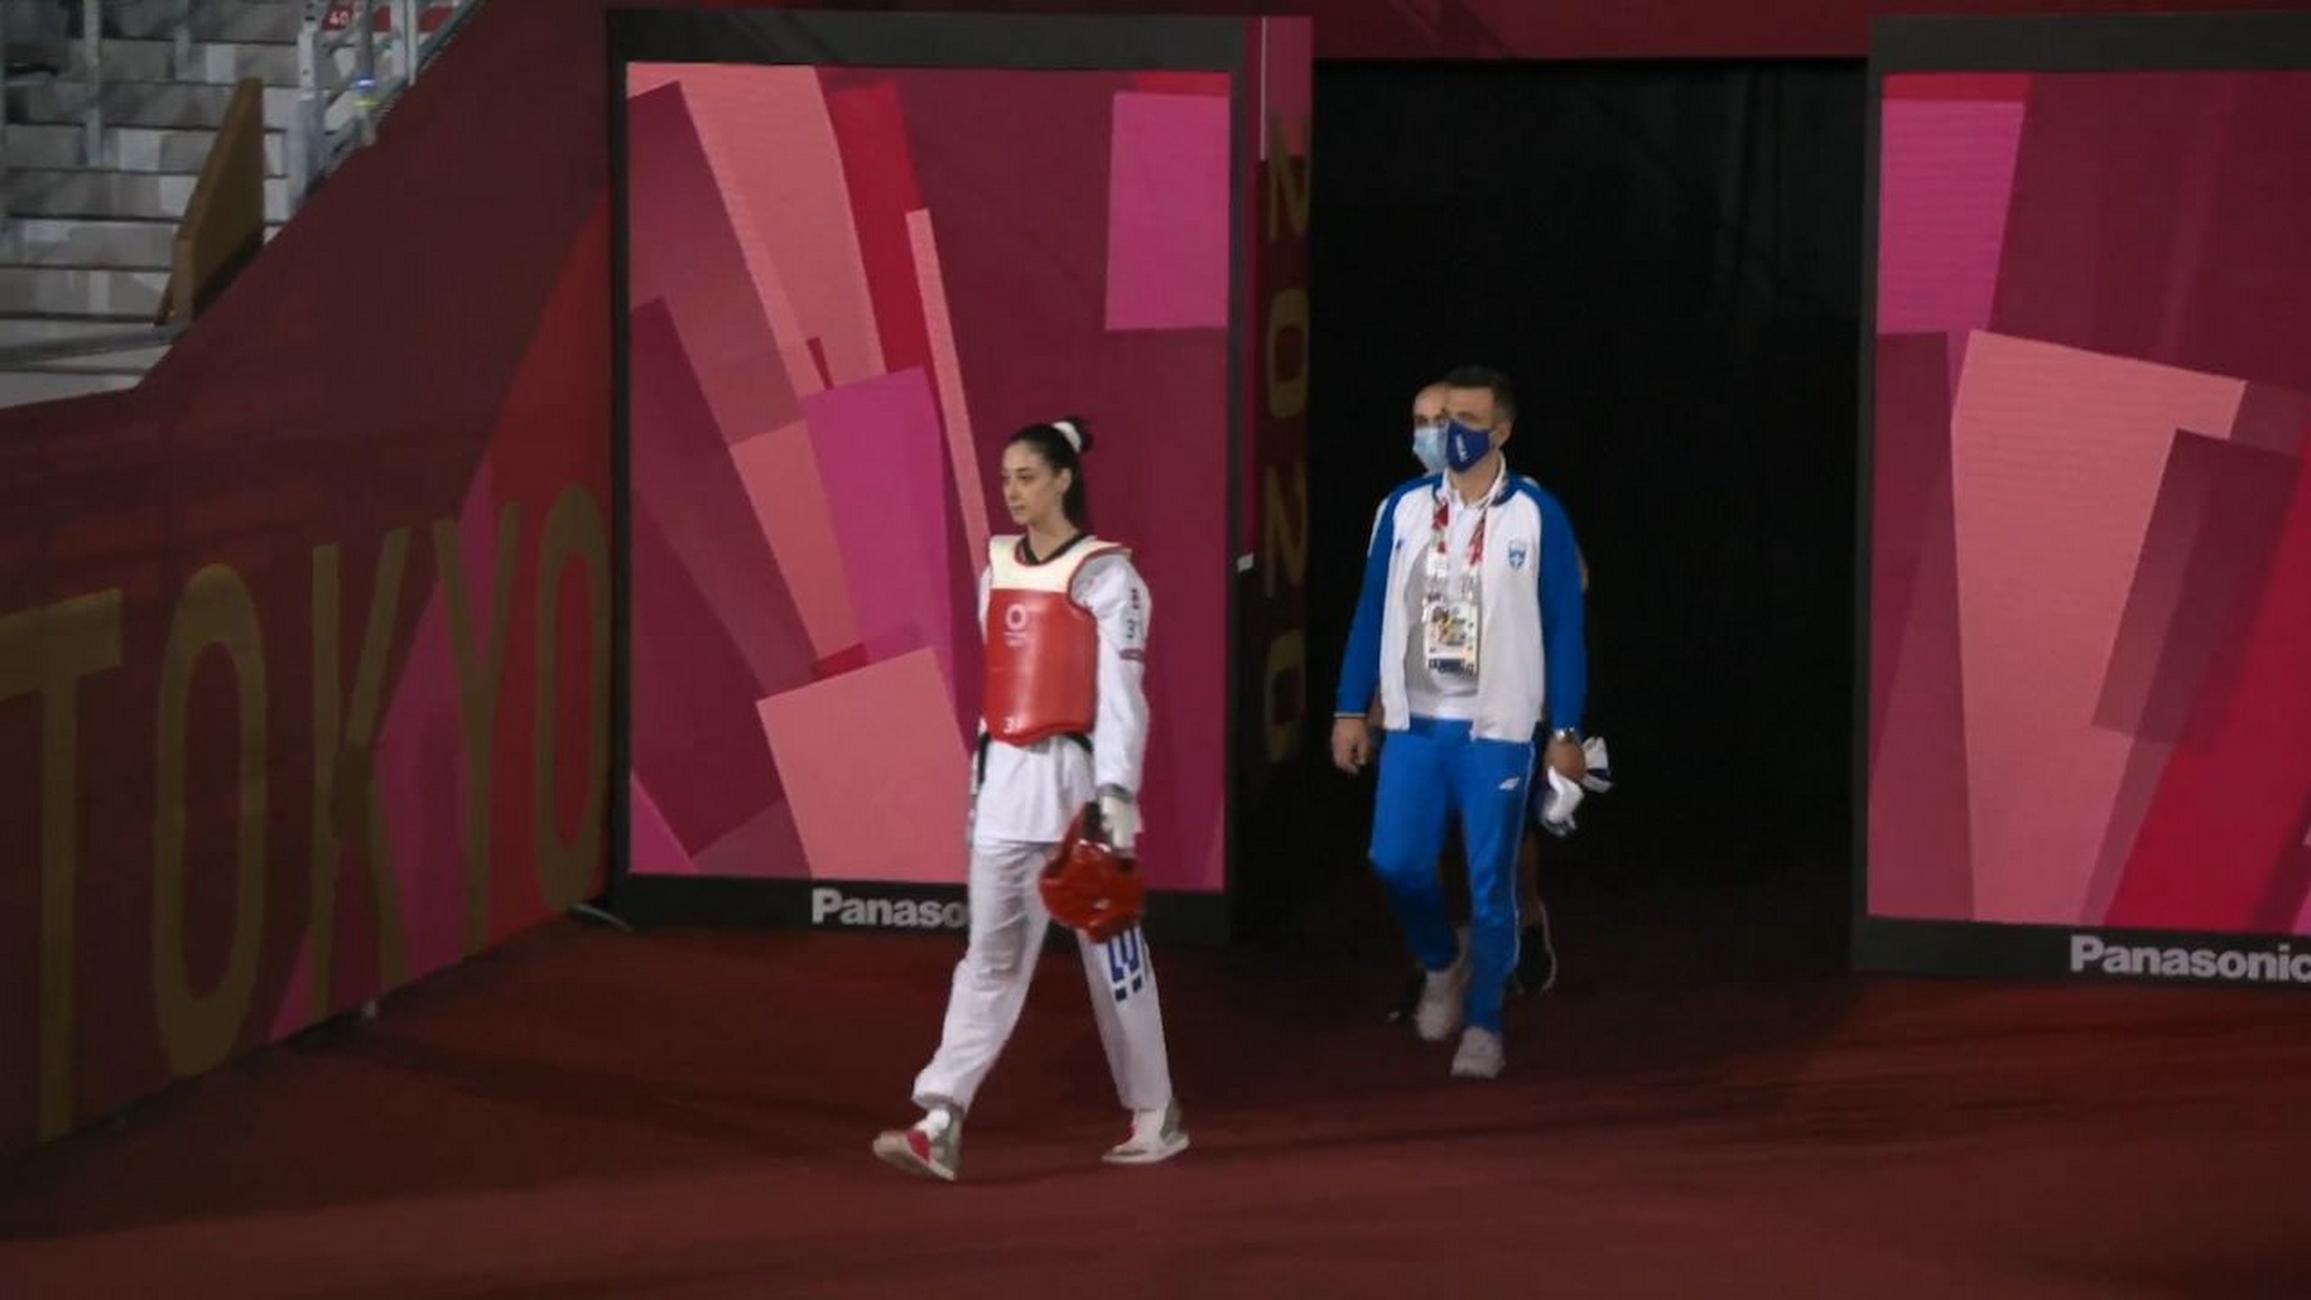 Ολυμπιακοί Αγώνες: Βρήκε δεύτερη ευκαιρία η Τζέλη και μπορεί να φθάσει μέχρι το χάλκινο μετάλλιο